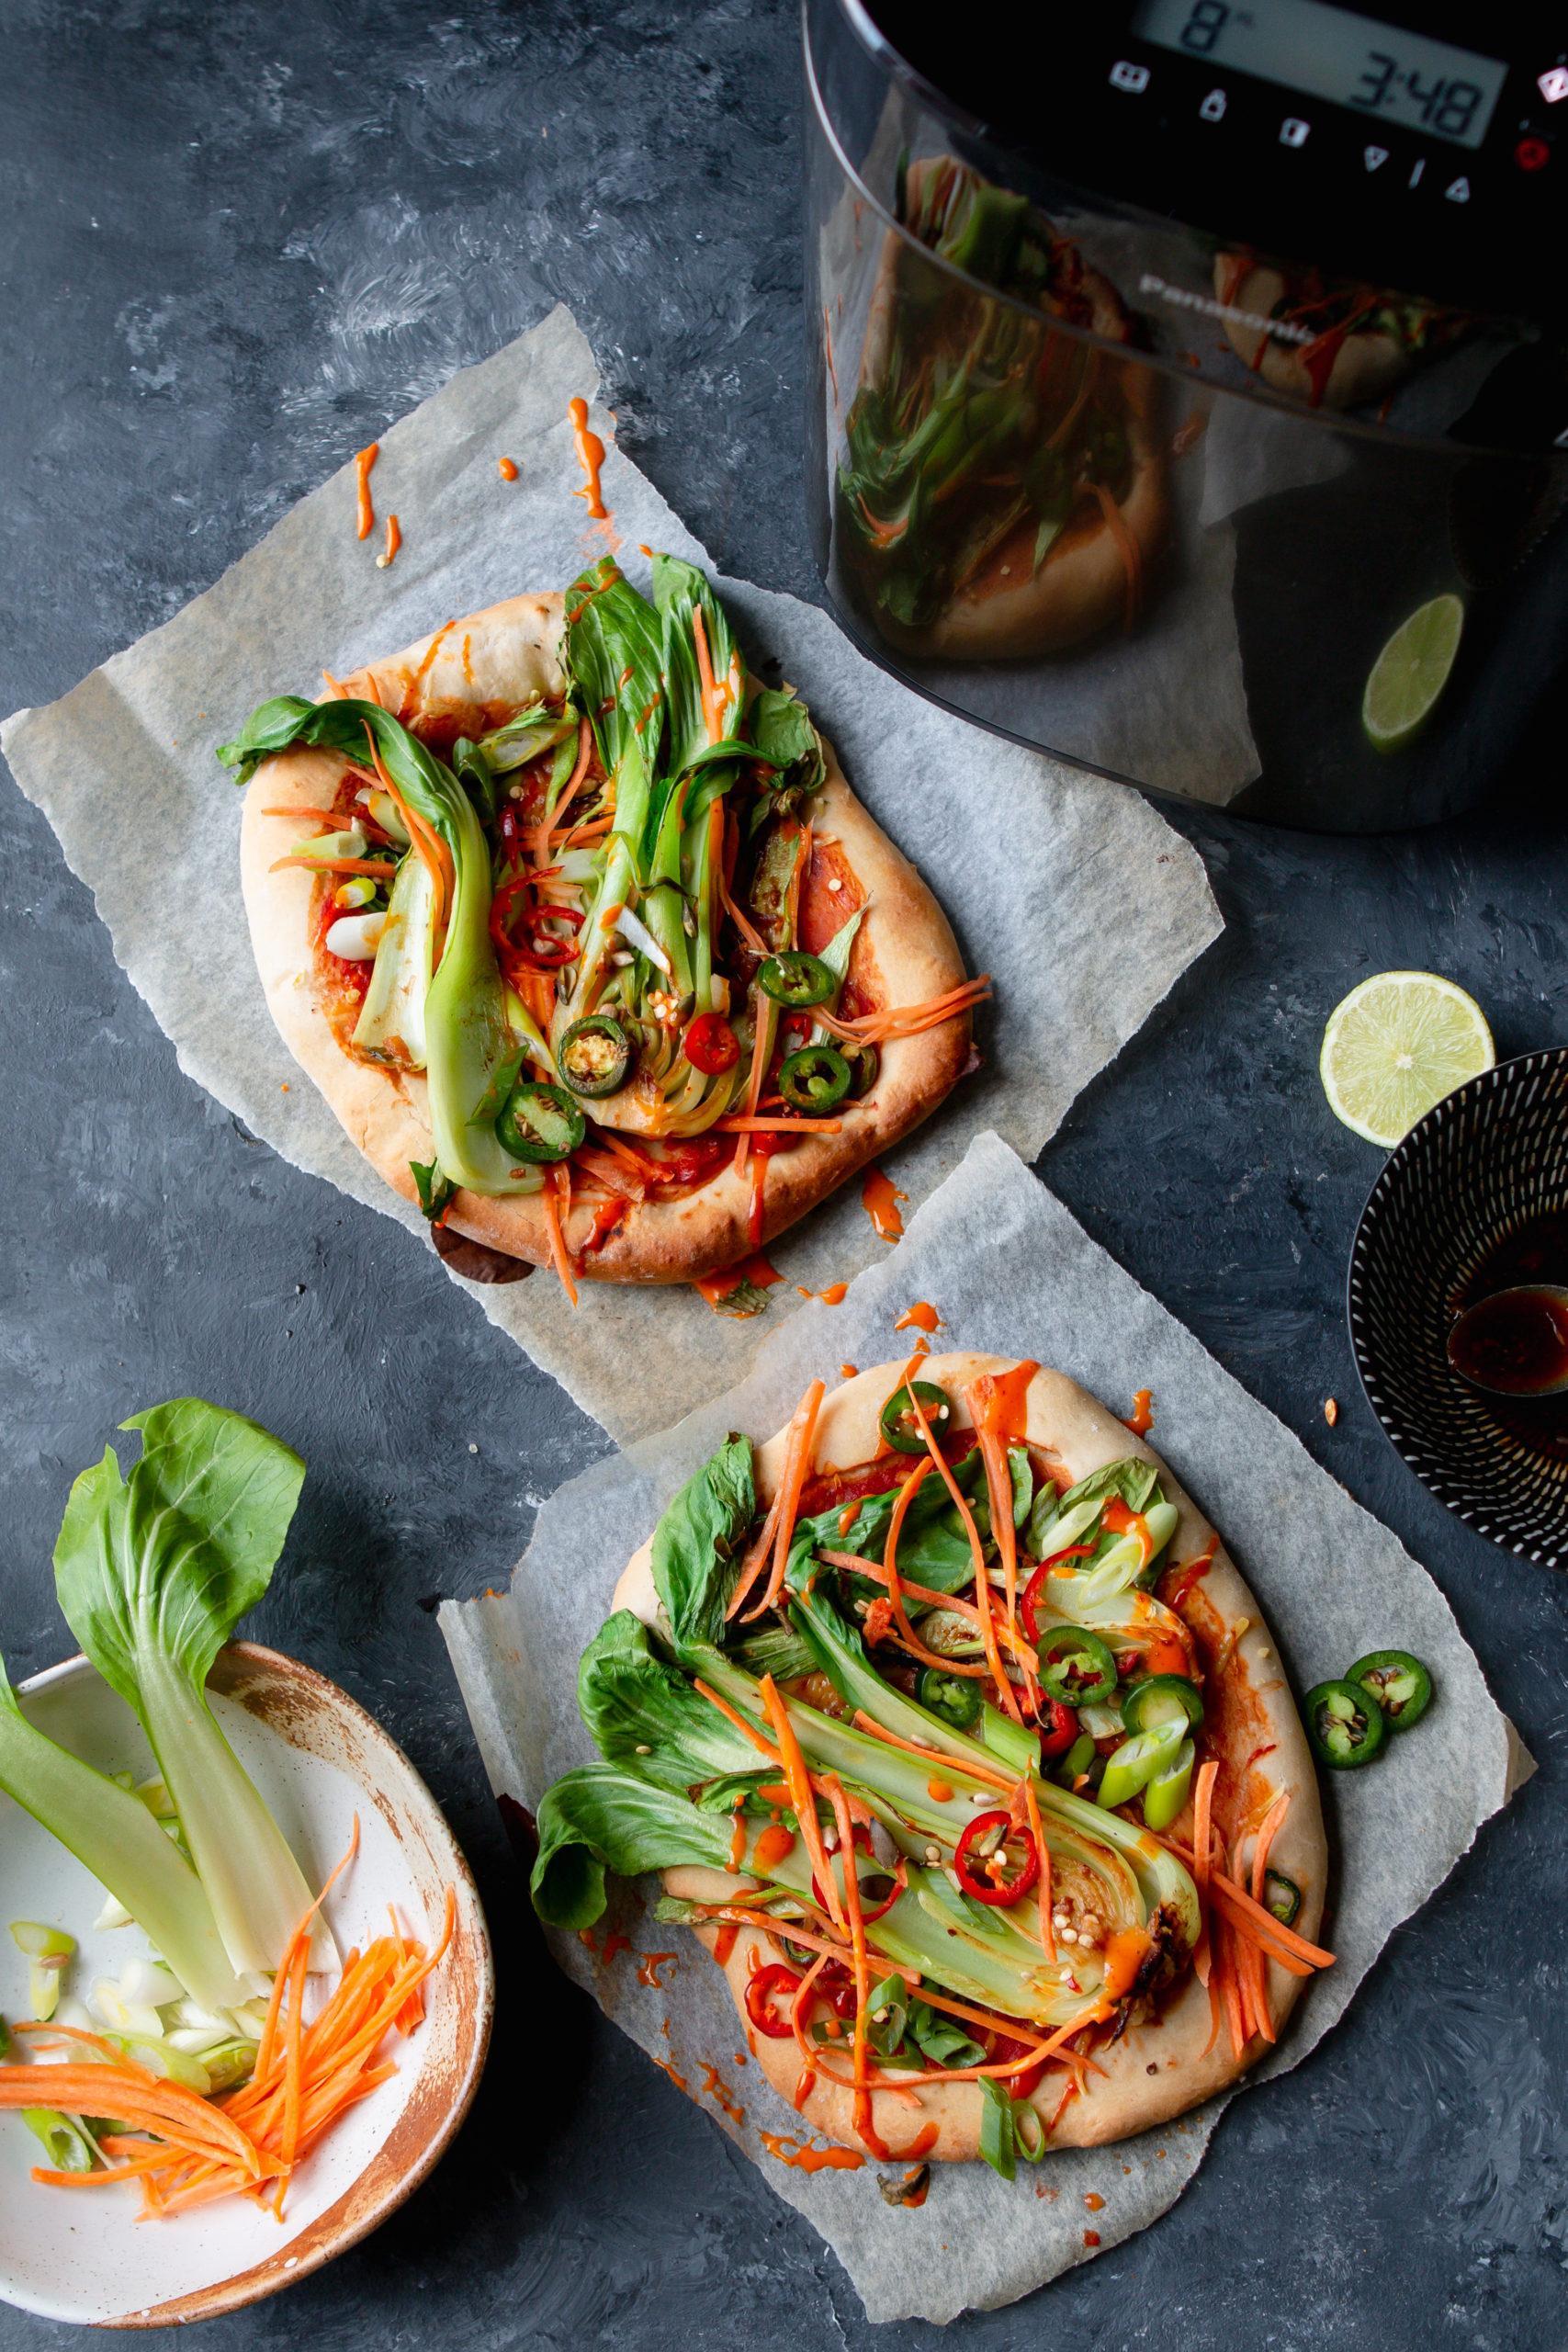 banh mi pizza topping vegan